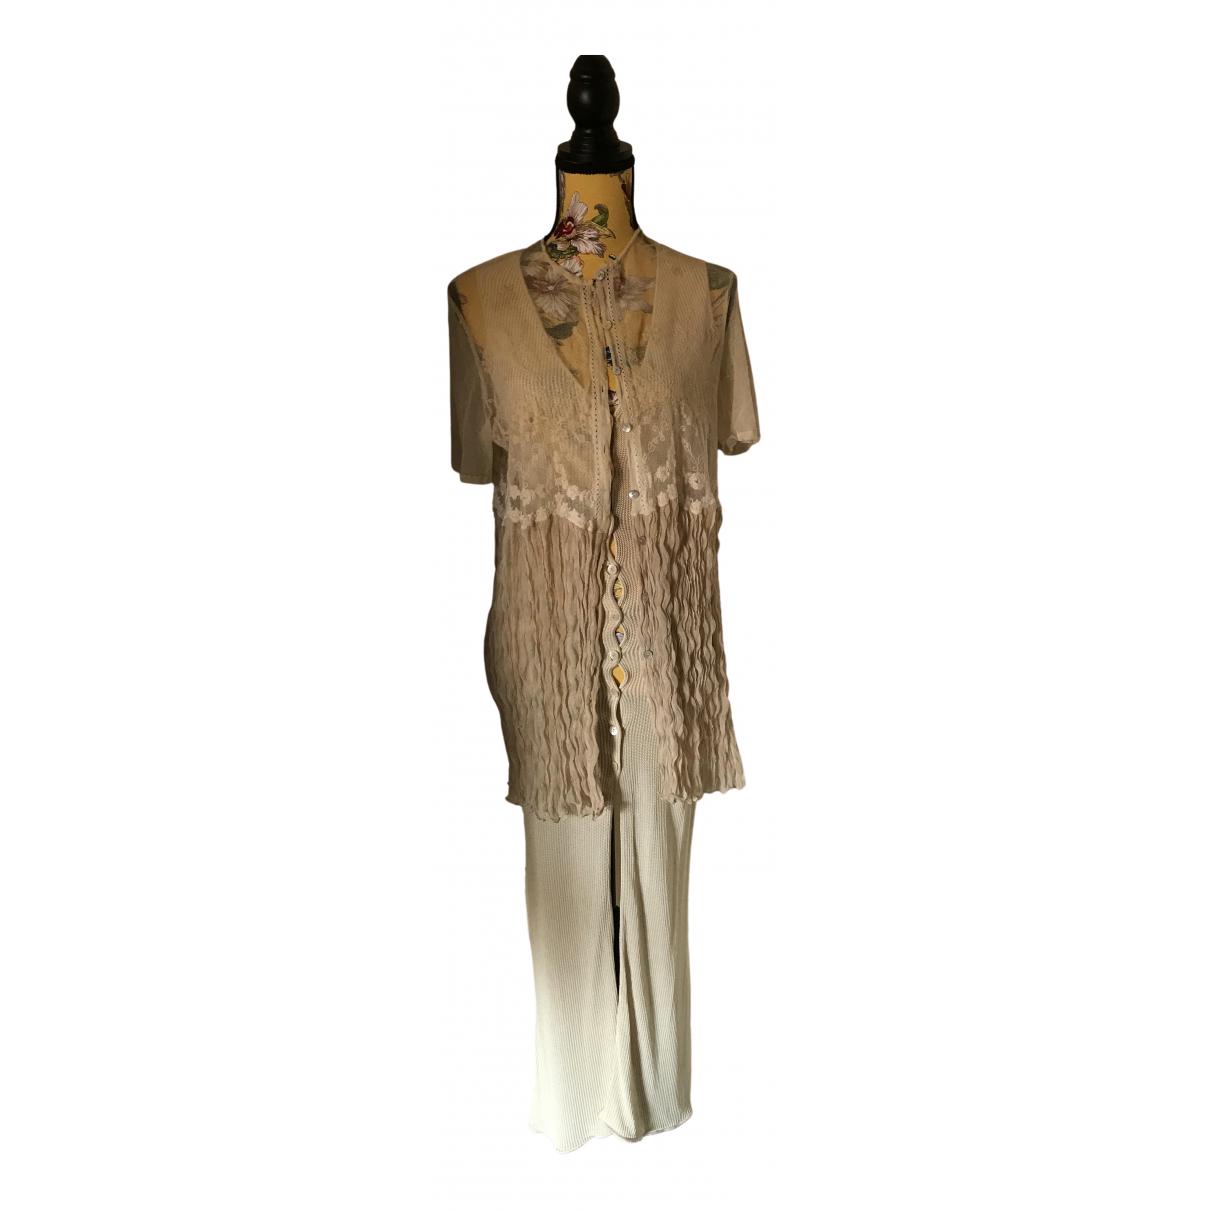 La Perla \N Kleid in  Beige Baumwolle - Elasthan